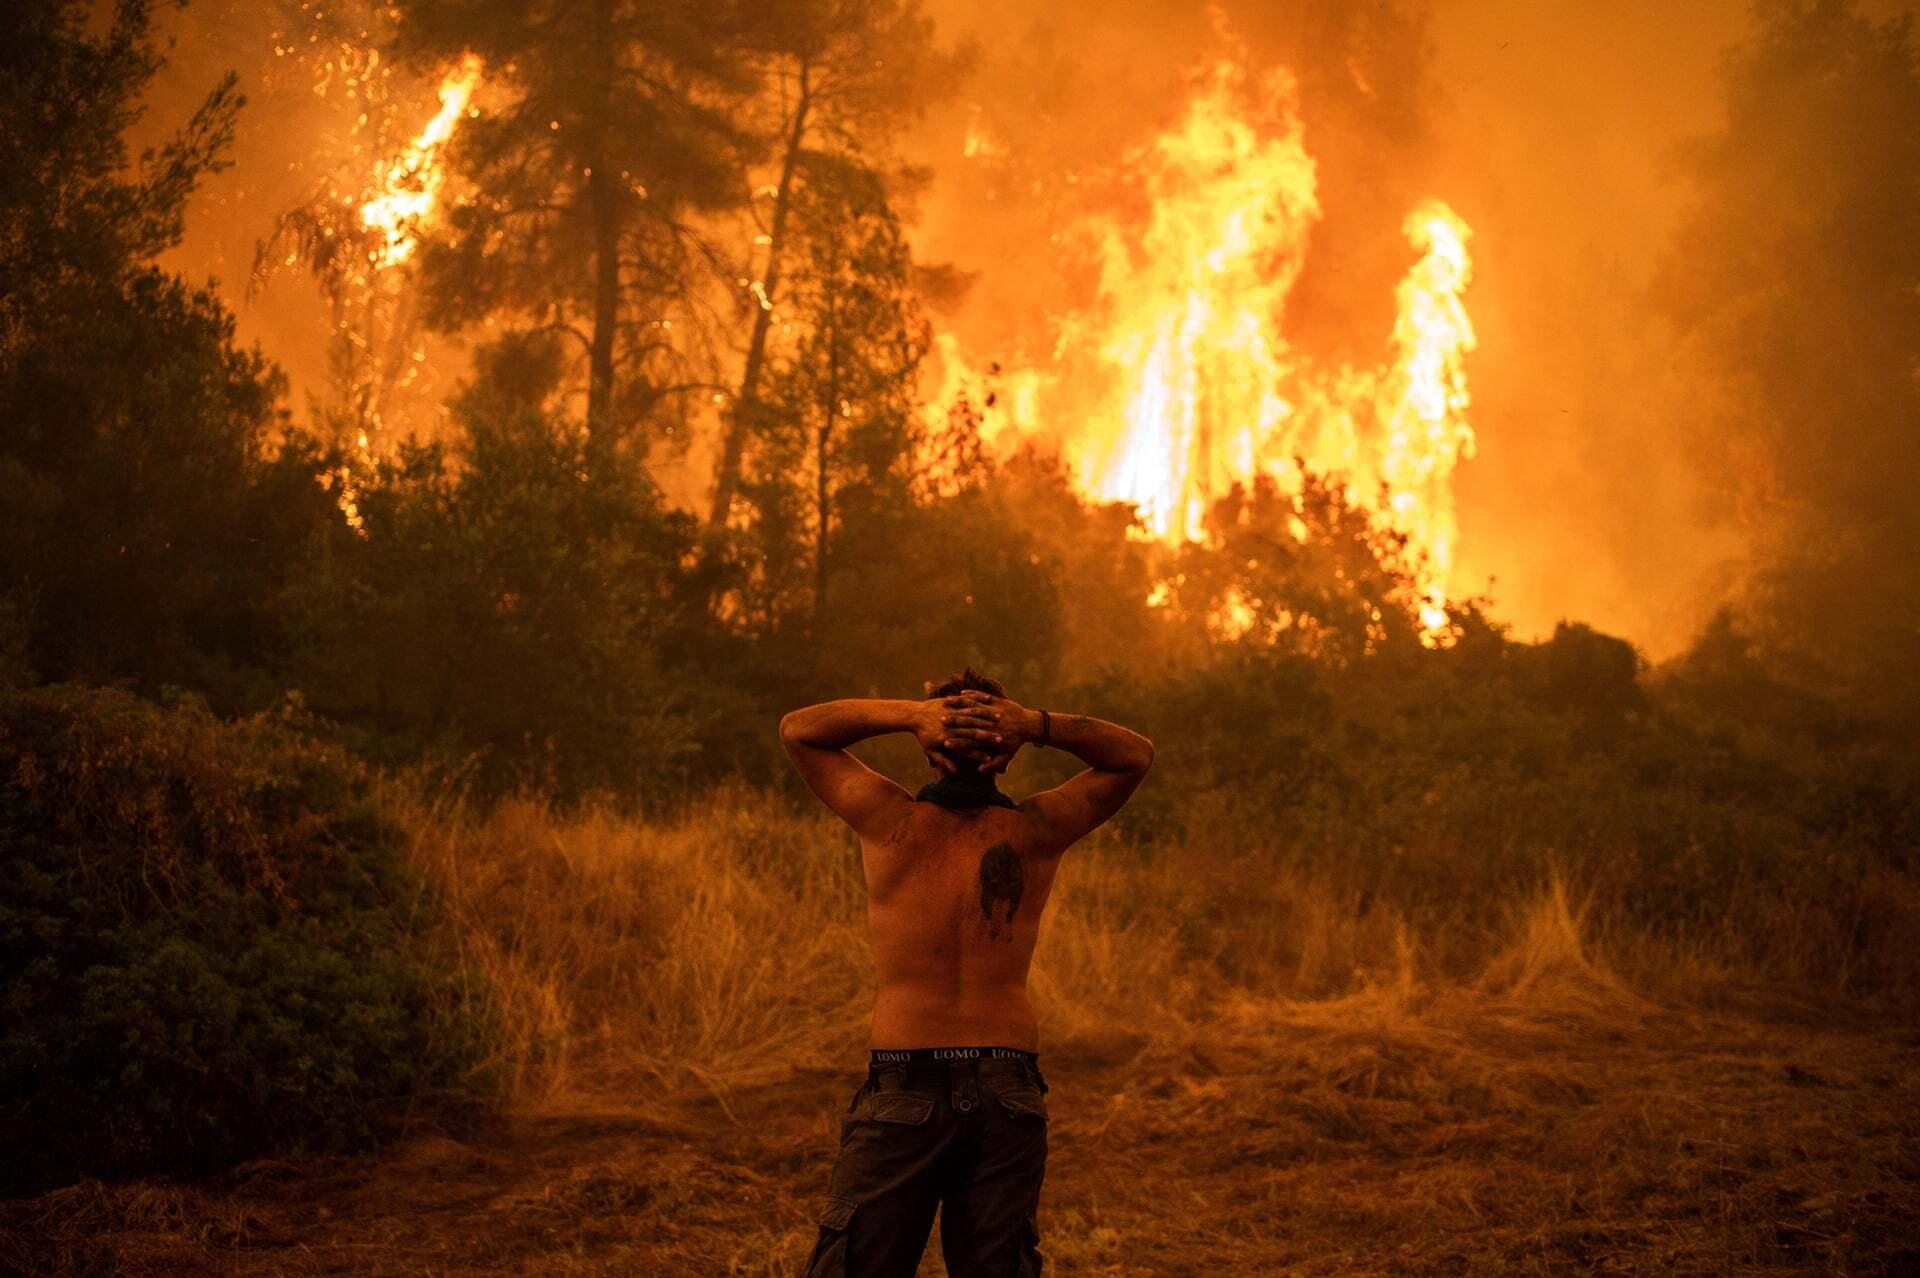 חום יולי אוגוסט: כך נראה משבר האקלים הגלובלי